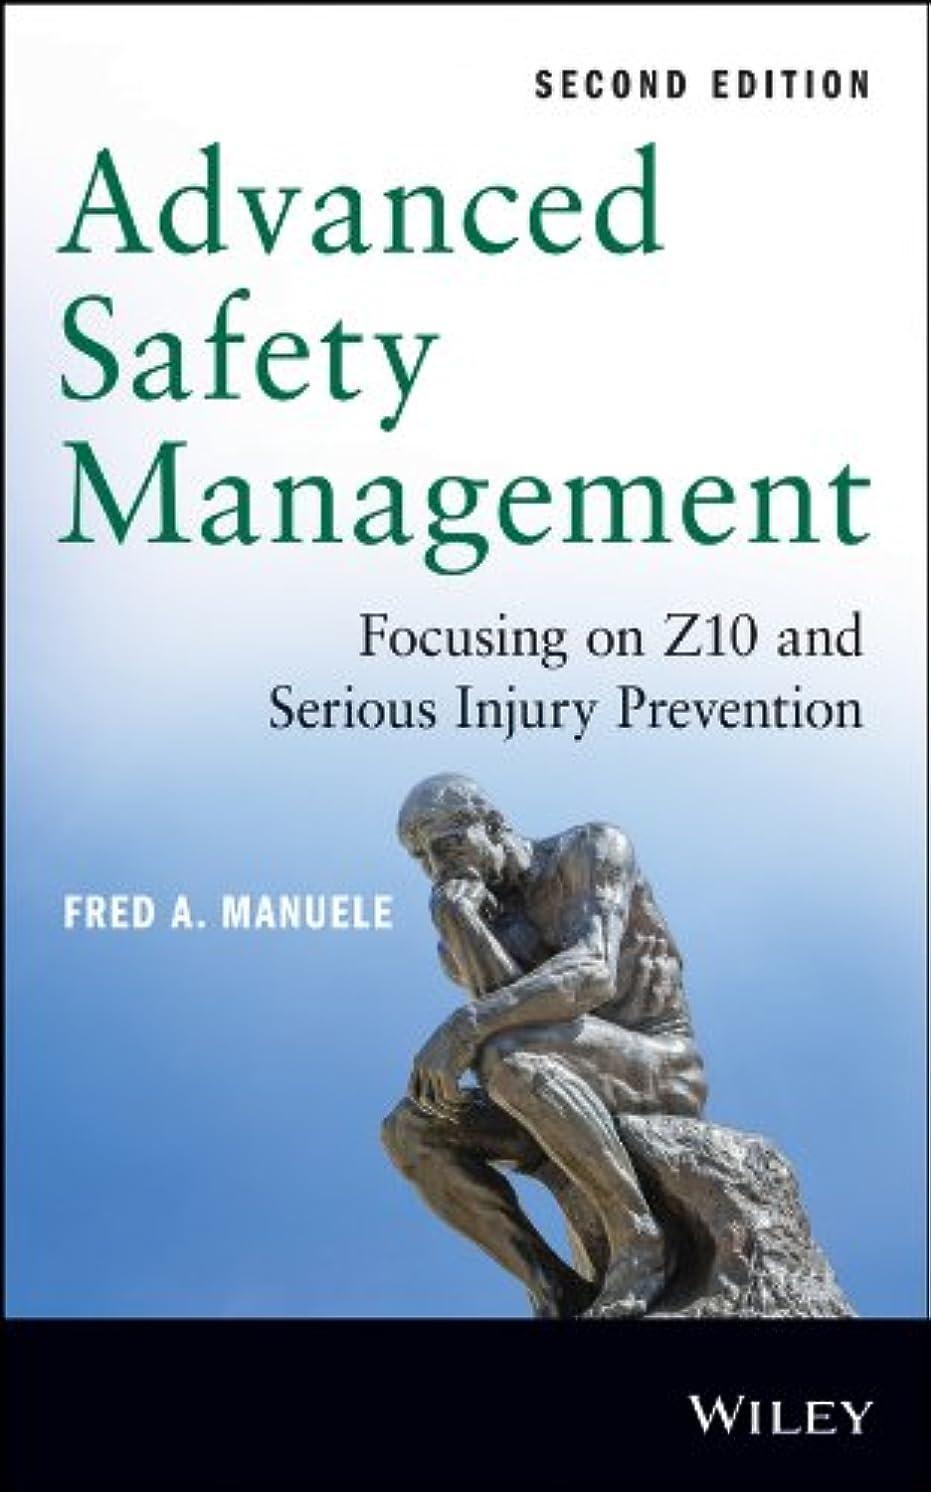 見込み文房具を必要としていますAdvanced Safety Management: Focusing on Z10 and Serious Injury Prevention (English Edition)